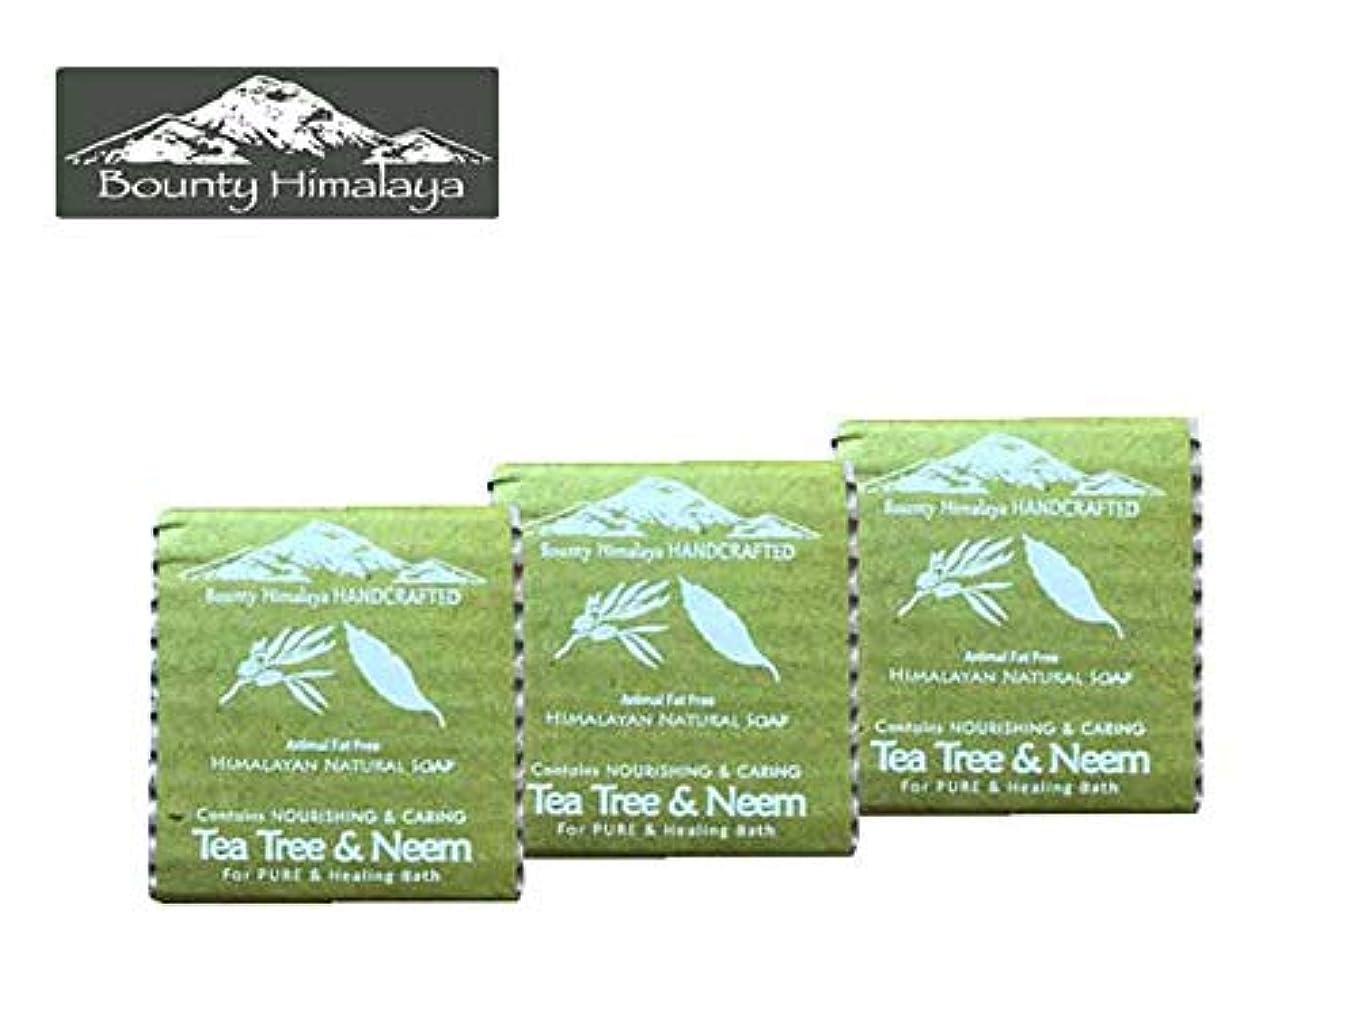 鳴らすバリー緊張するアーユルヴェーダ ヒマラヤ ティーツリー?ニーム ソープ3セット Bounty Himalaya Tea Tree & Neem SOAP(NEPAL AYURVEDA) 100g